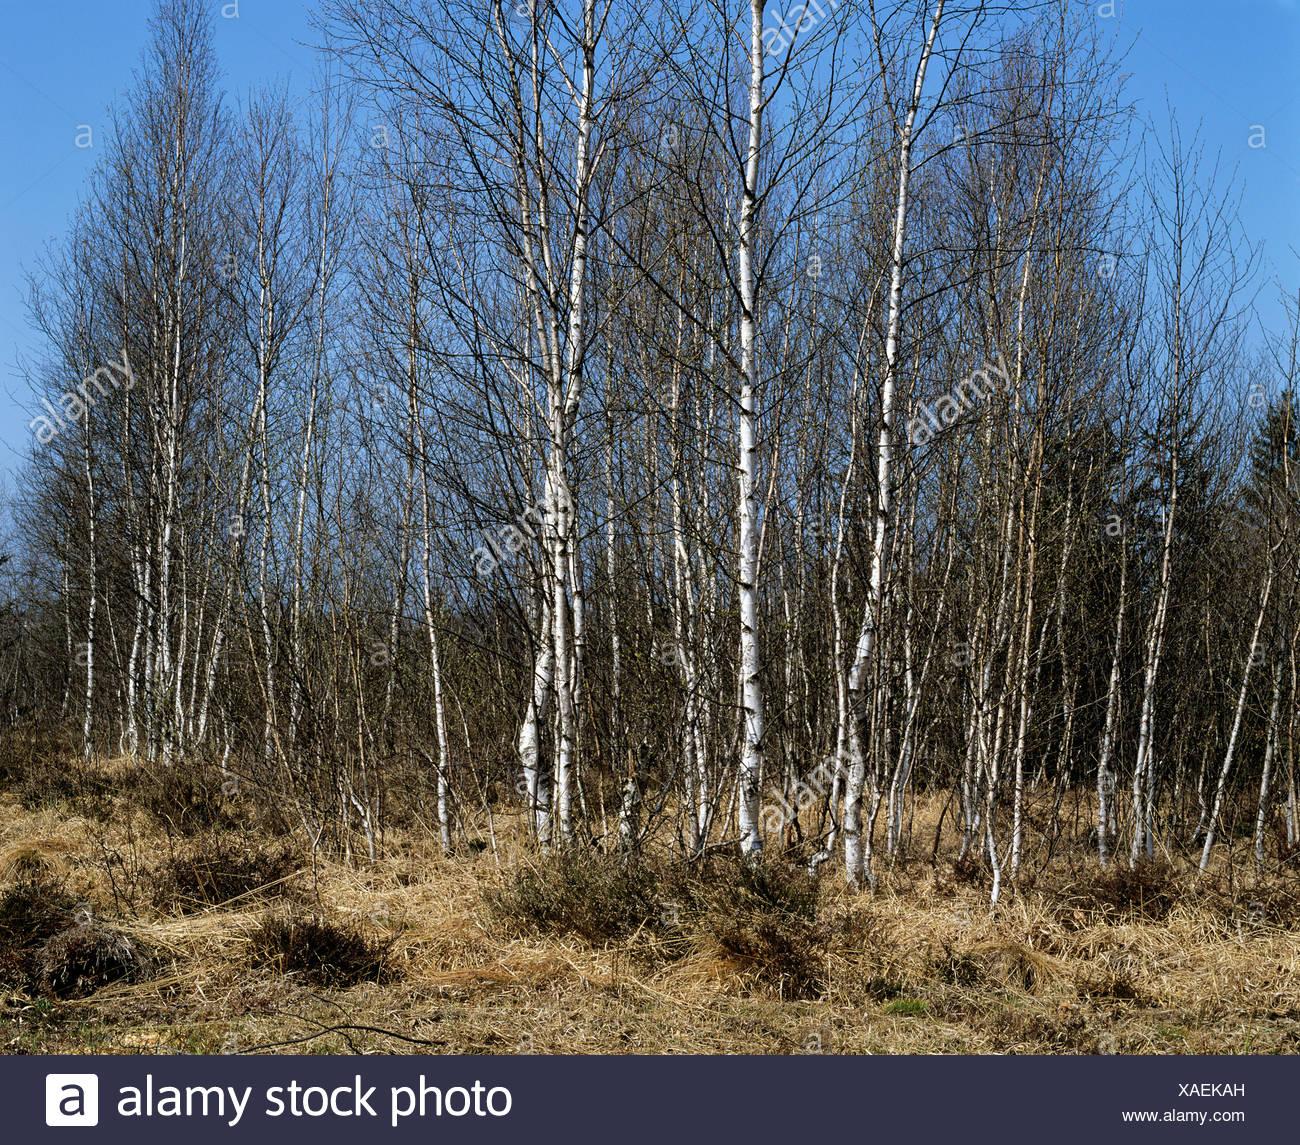 Murnau Moos, birch trees in spring, Murnau, Upper Bavaria, Bavaria, Germany, Europe - Stock Image